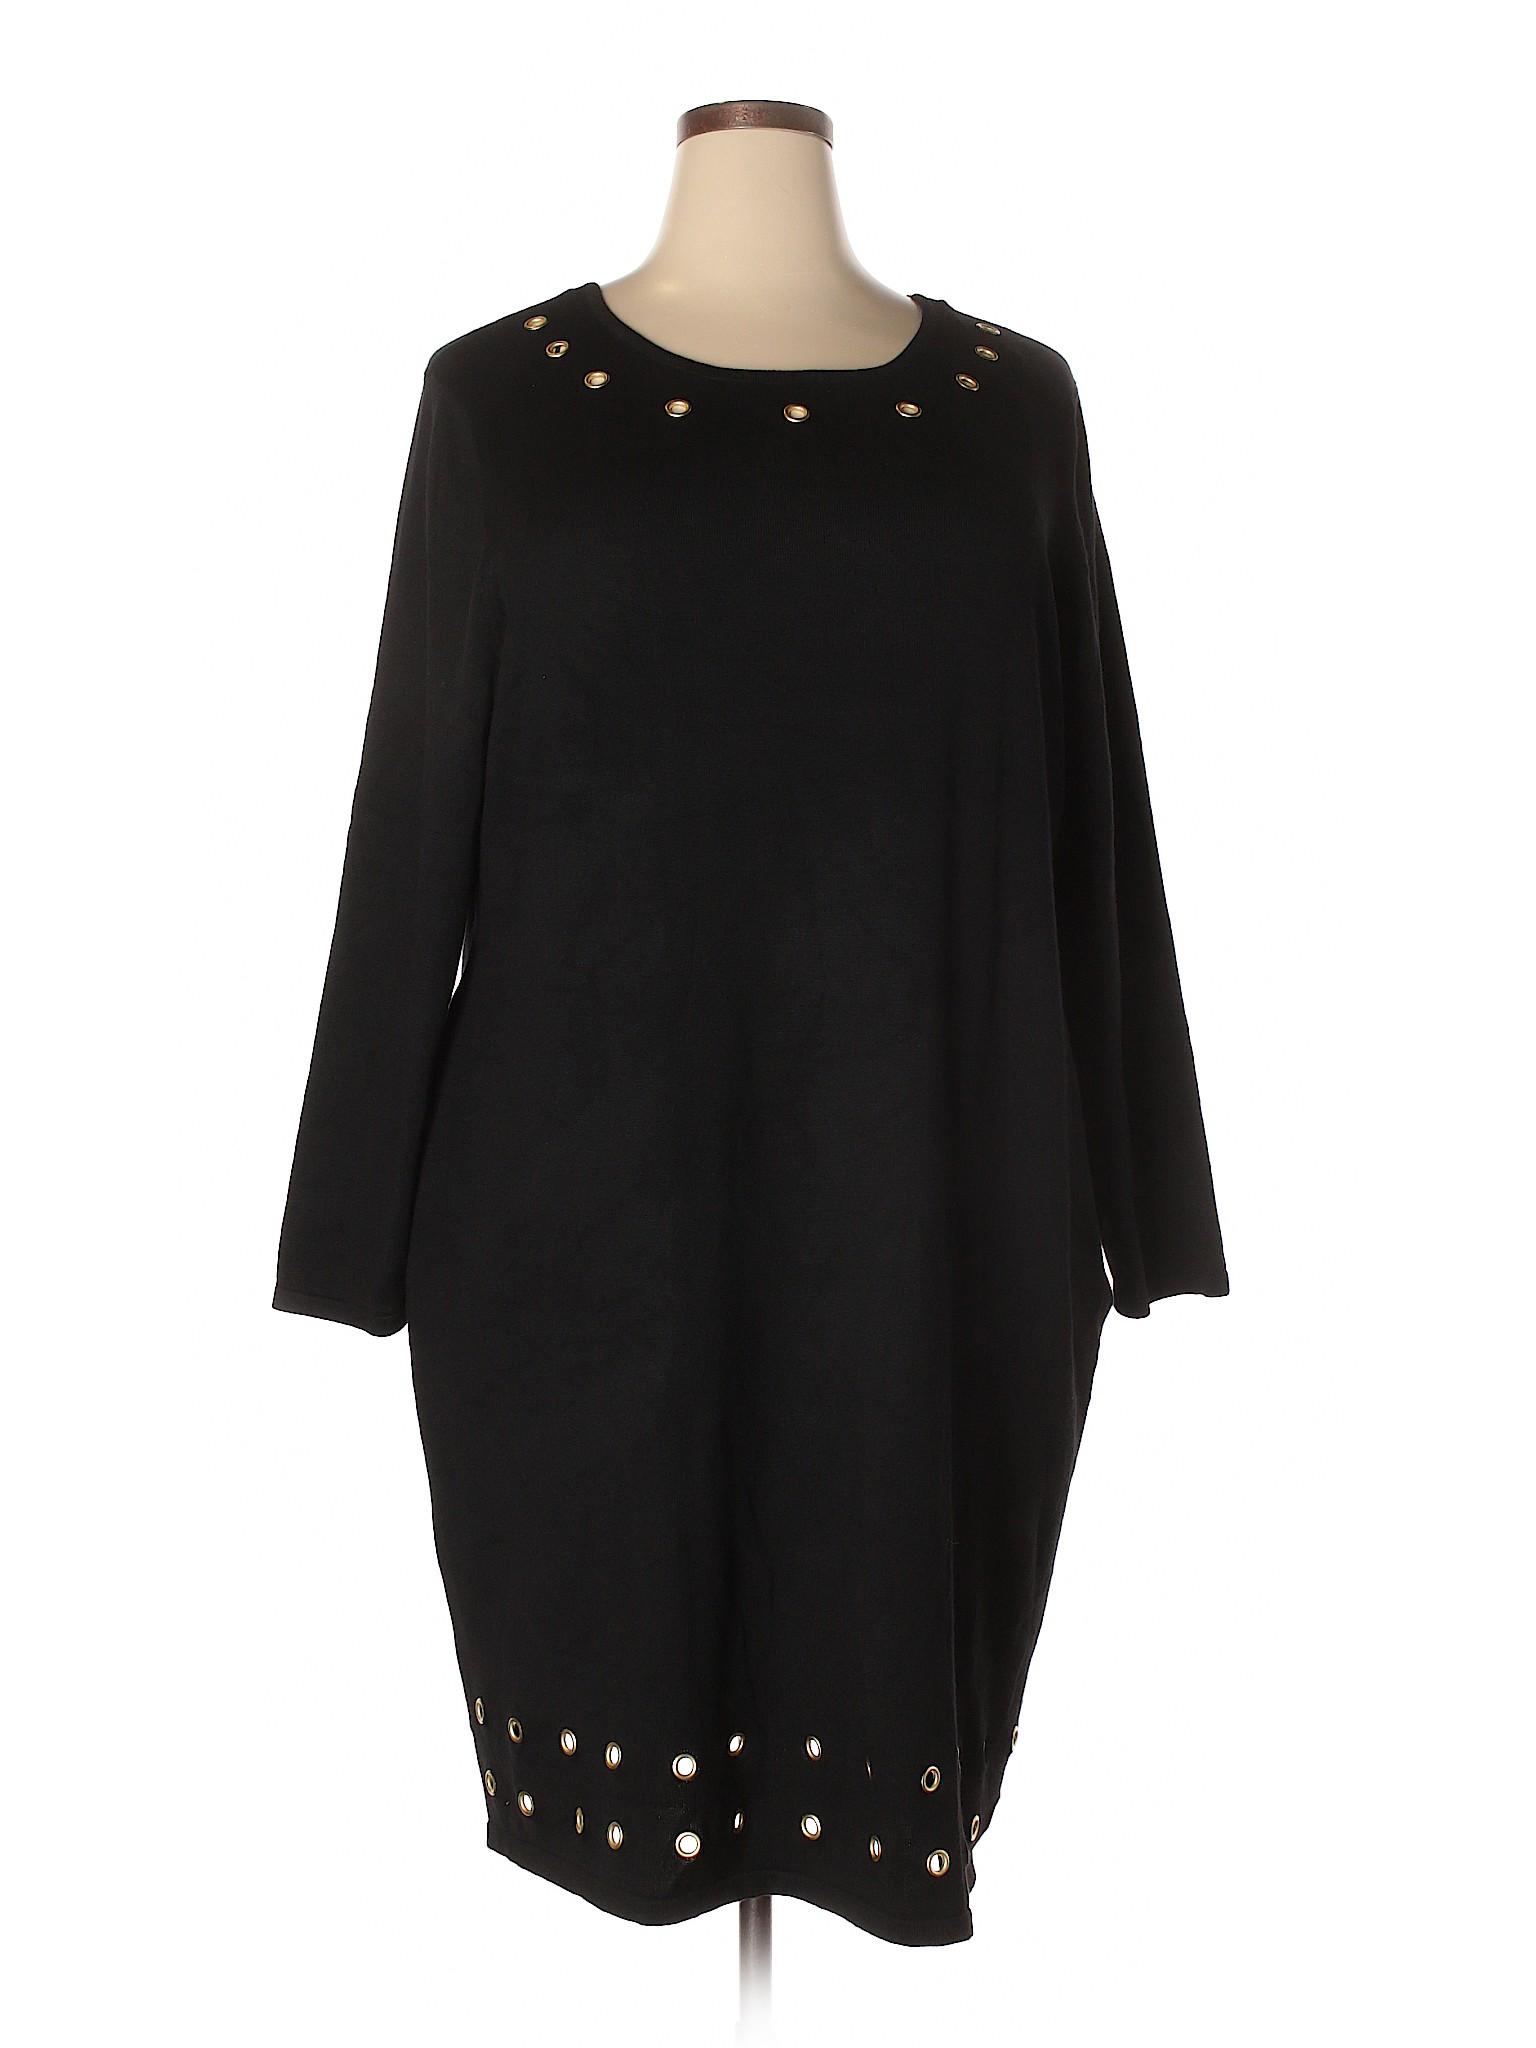 Classics winter Dress NY Boutique Casual BxwYA0qg